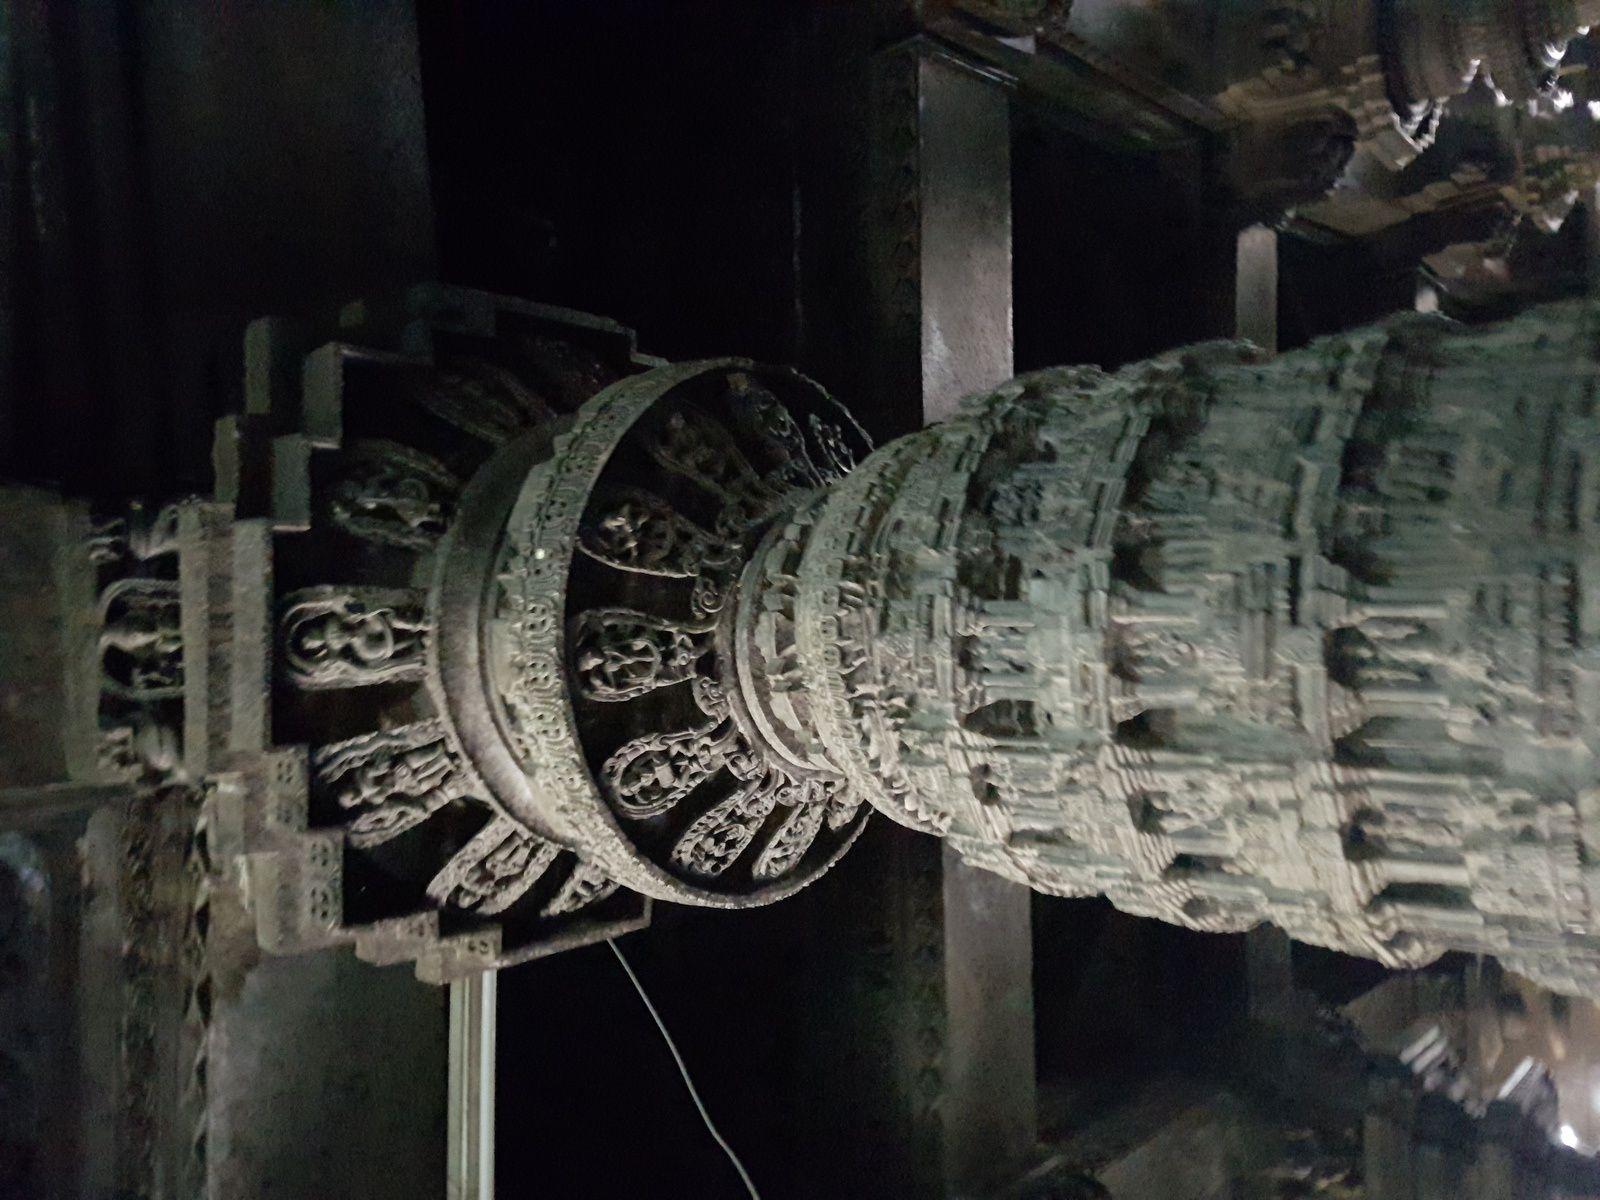 Le plus beau  pour moi est le pilier Narsimba  il est finement sculpté!!